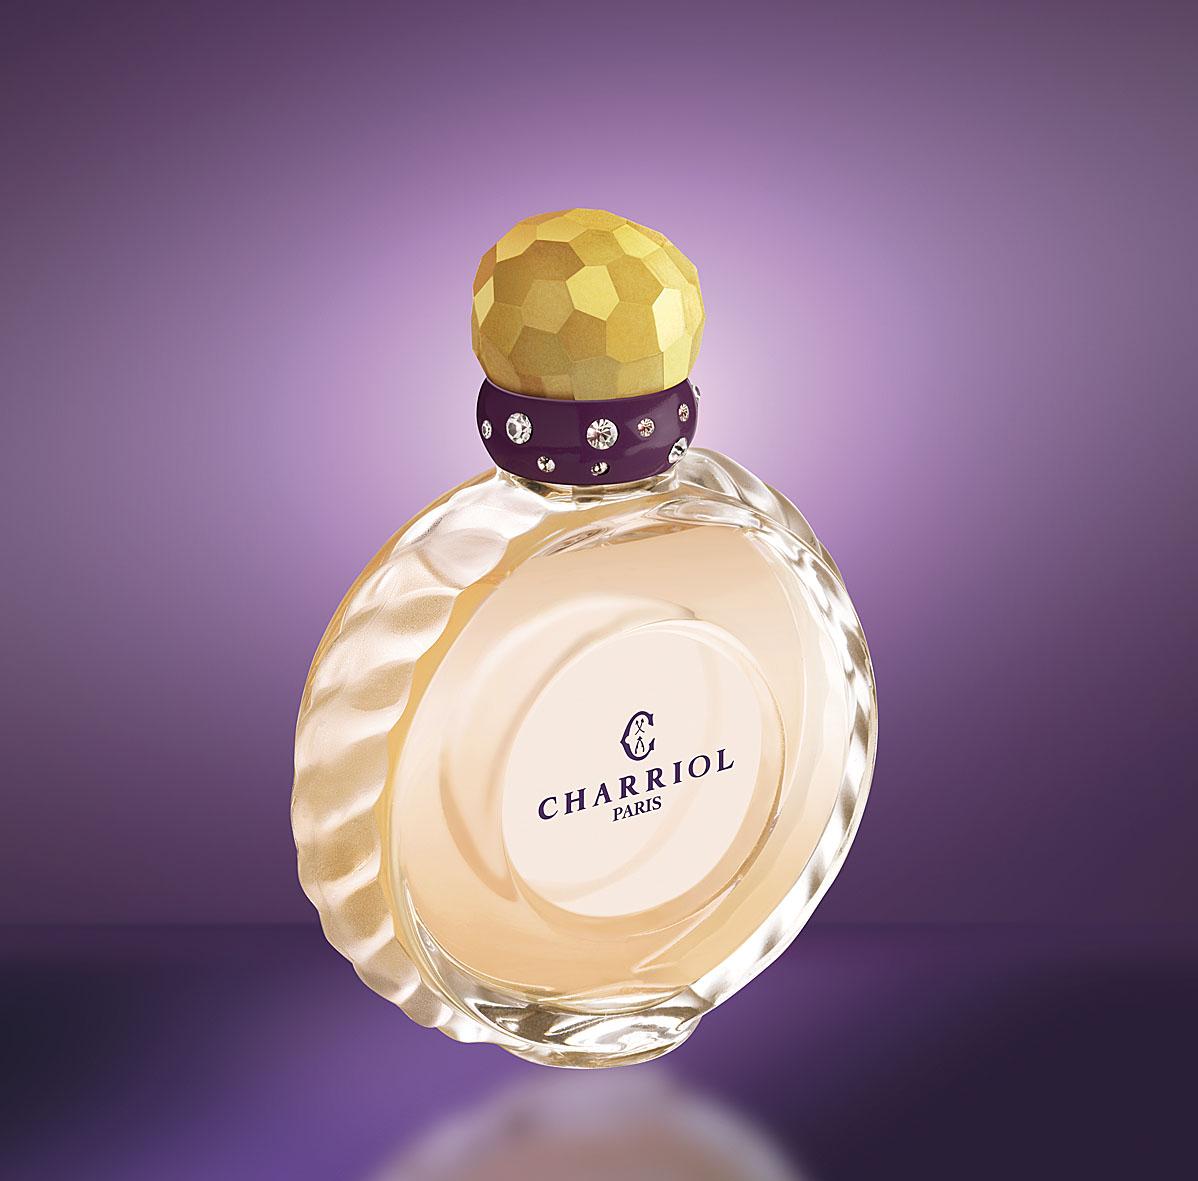 Pour Un Femme Charriol Toilette Parfum De Eau 2008 OZiPXku